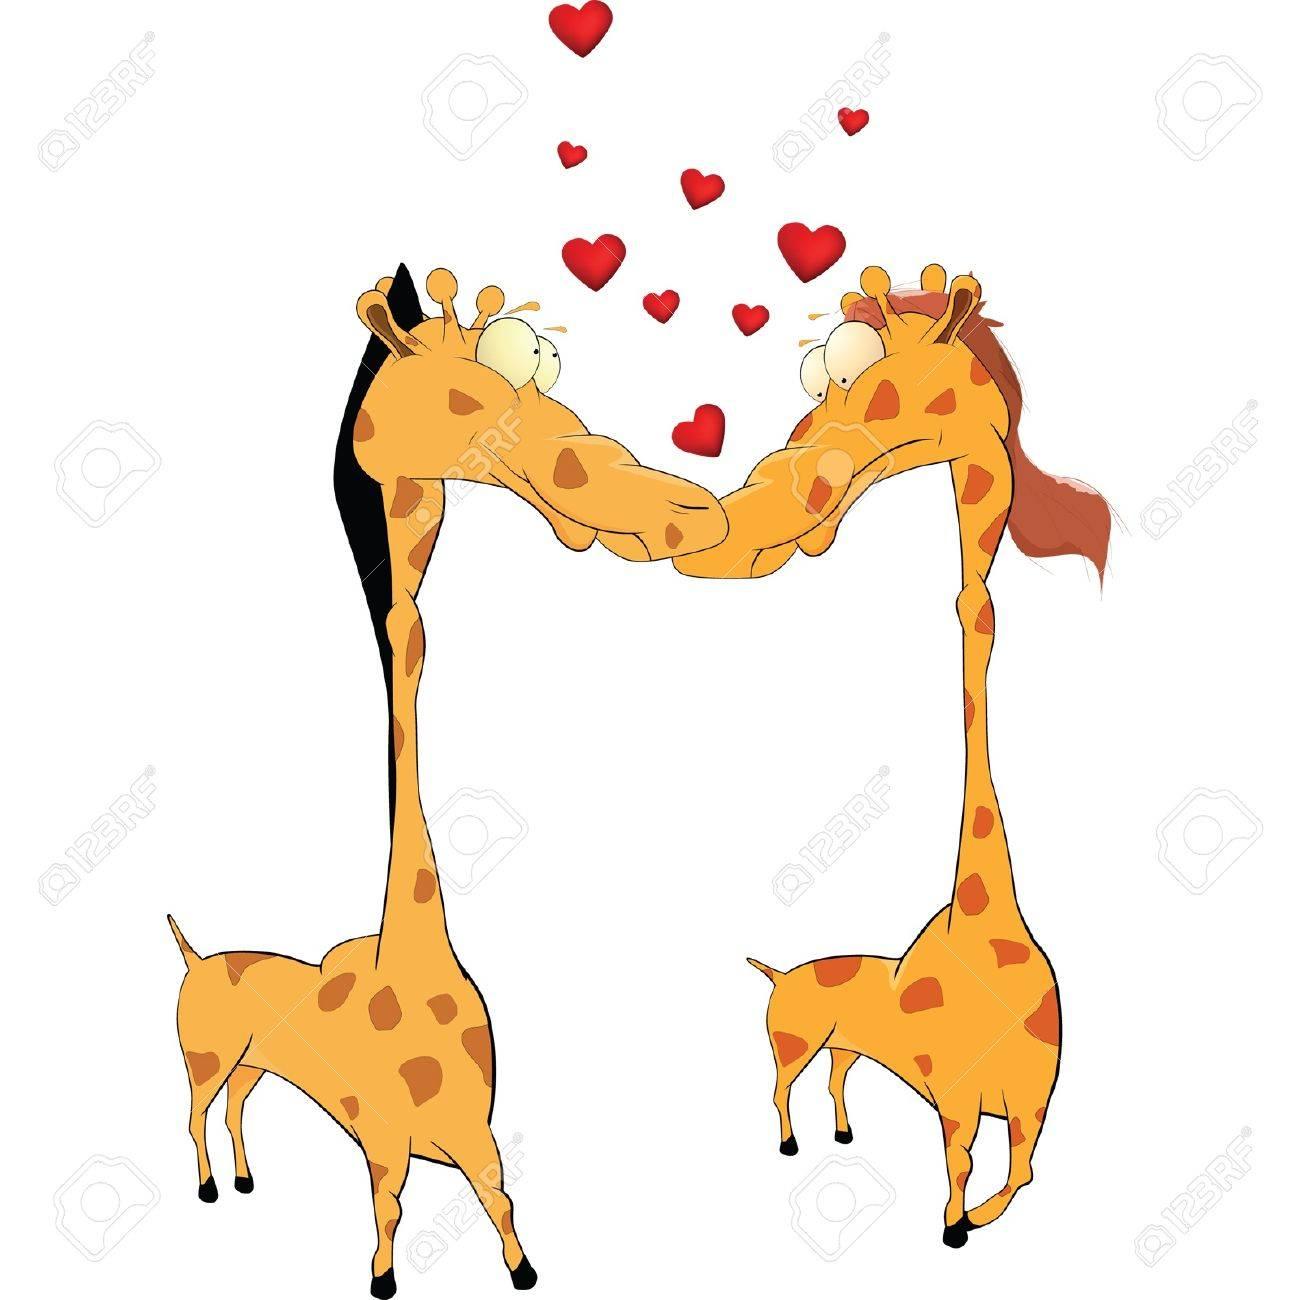 Amor Y Jirafas Dibujos Animados Ilustraciones Vectoriales Clip Art